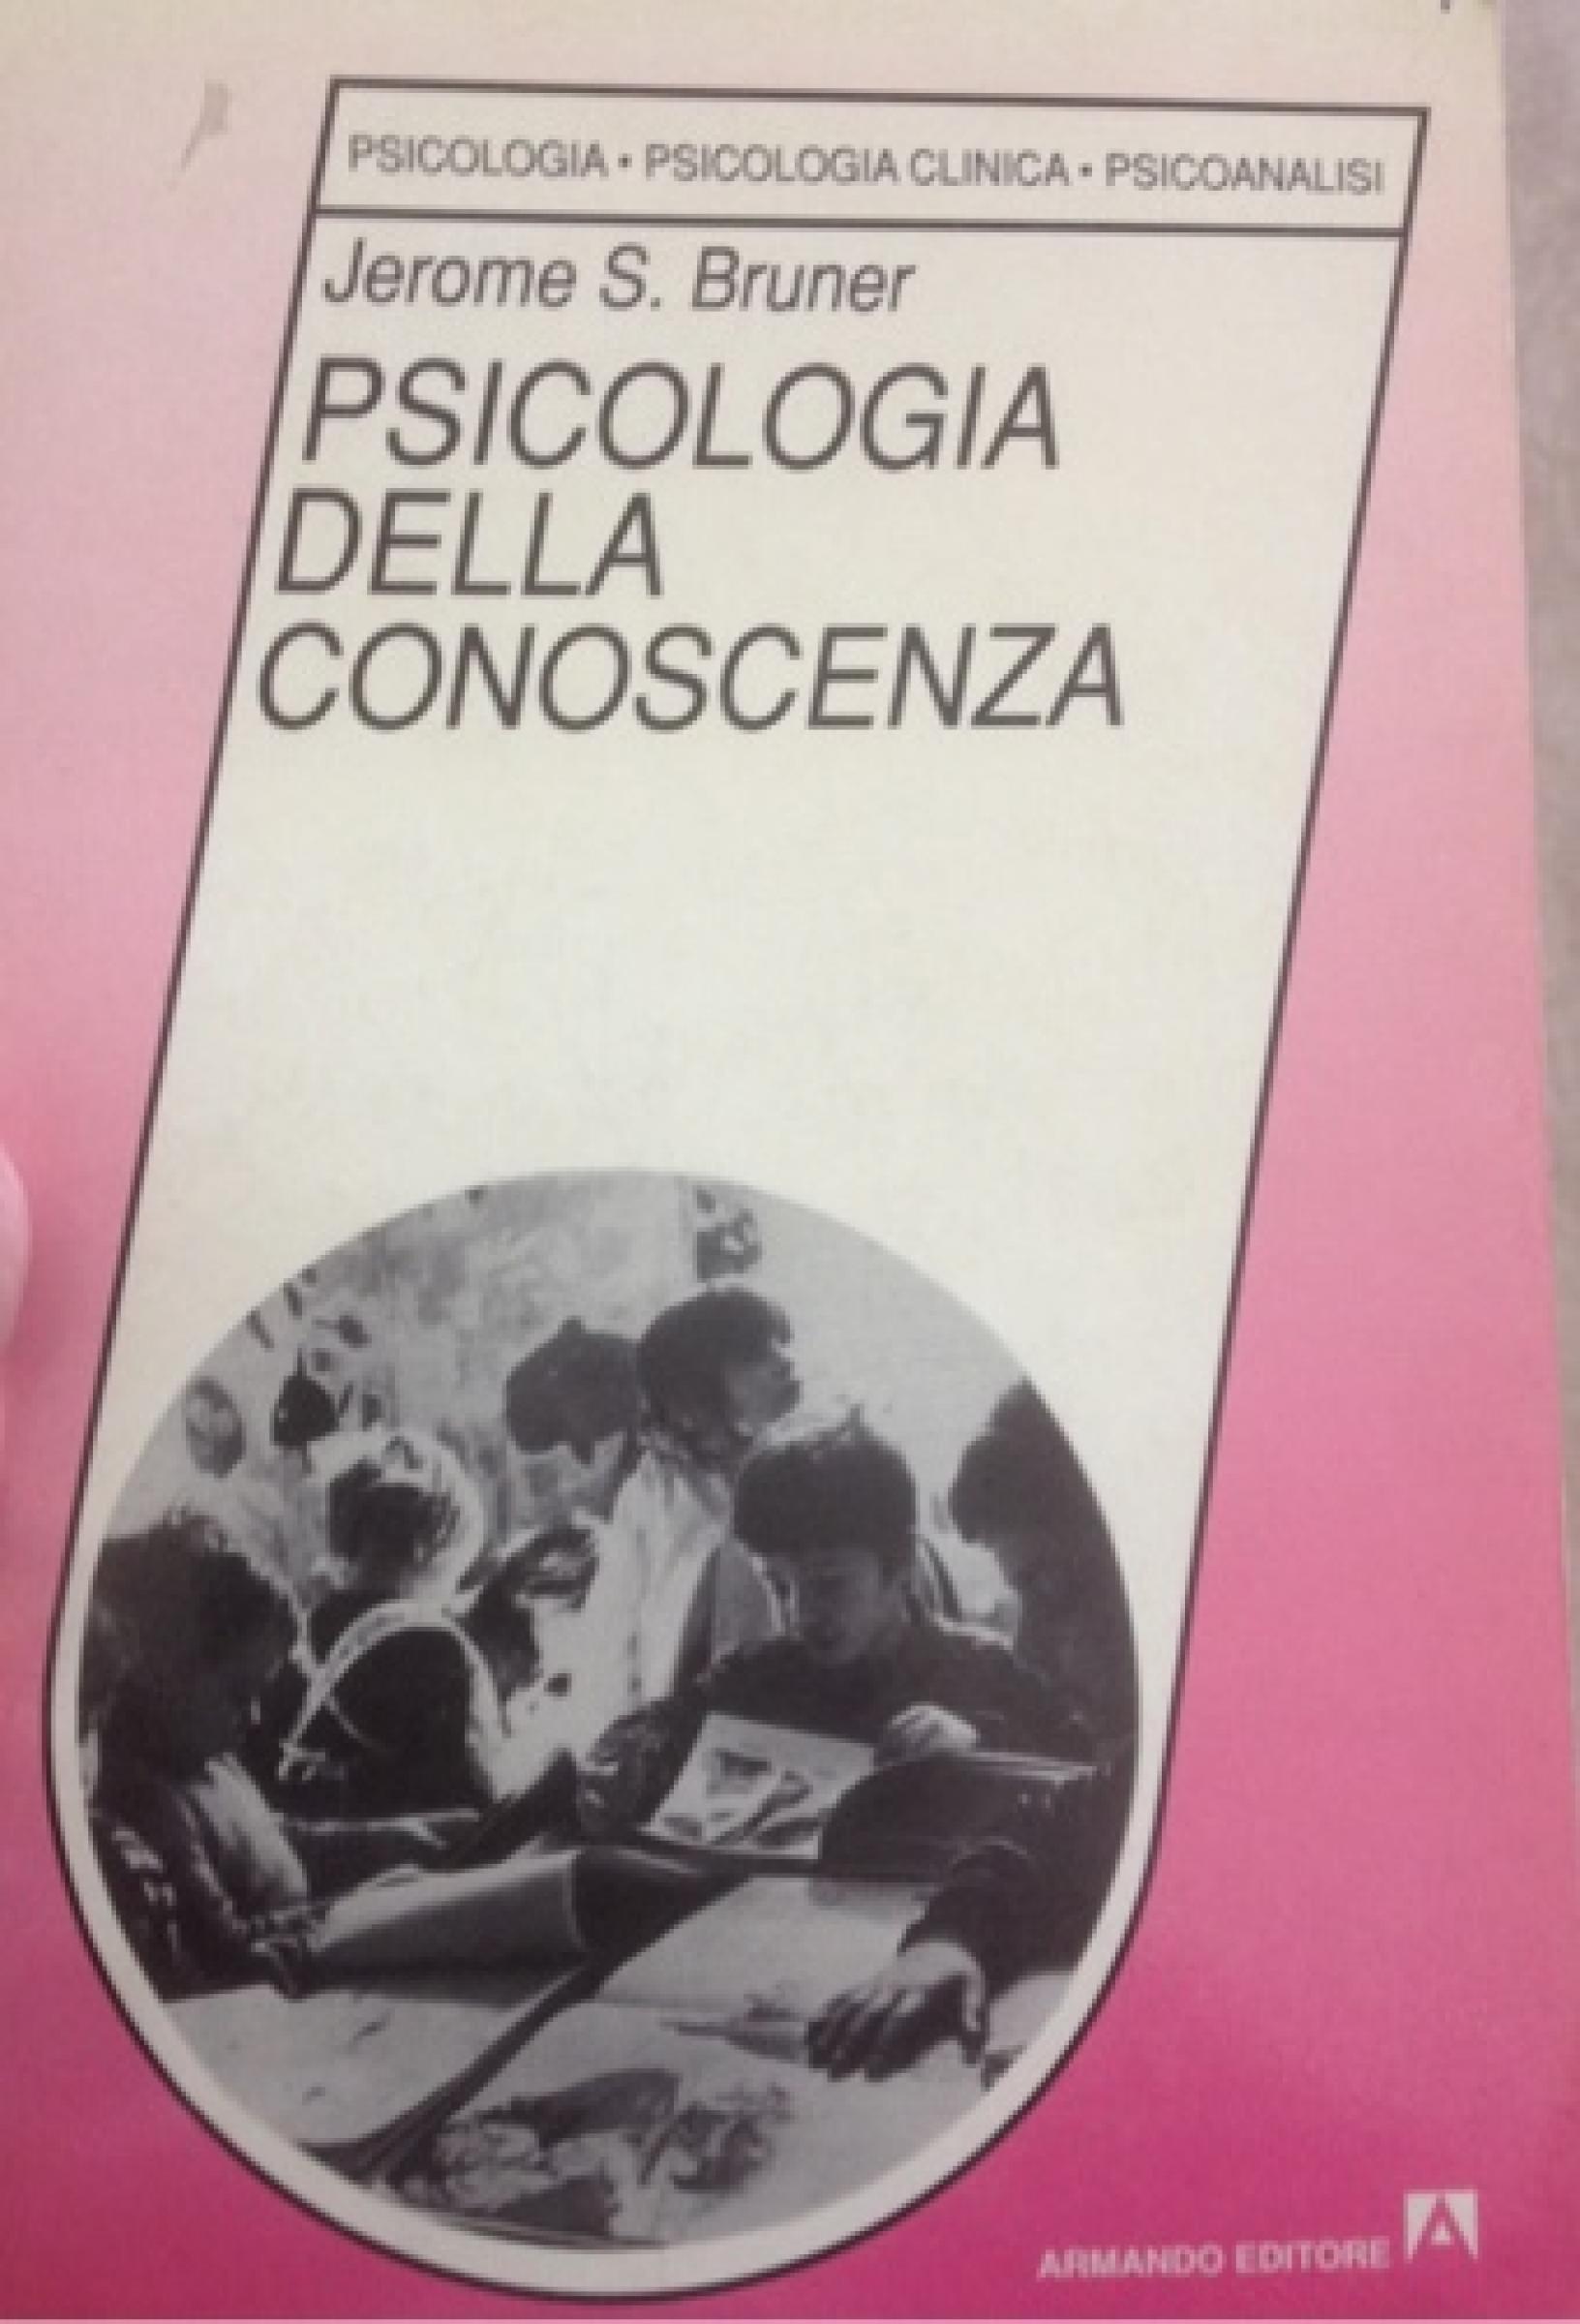 Psicologia della conoscenza